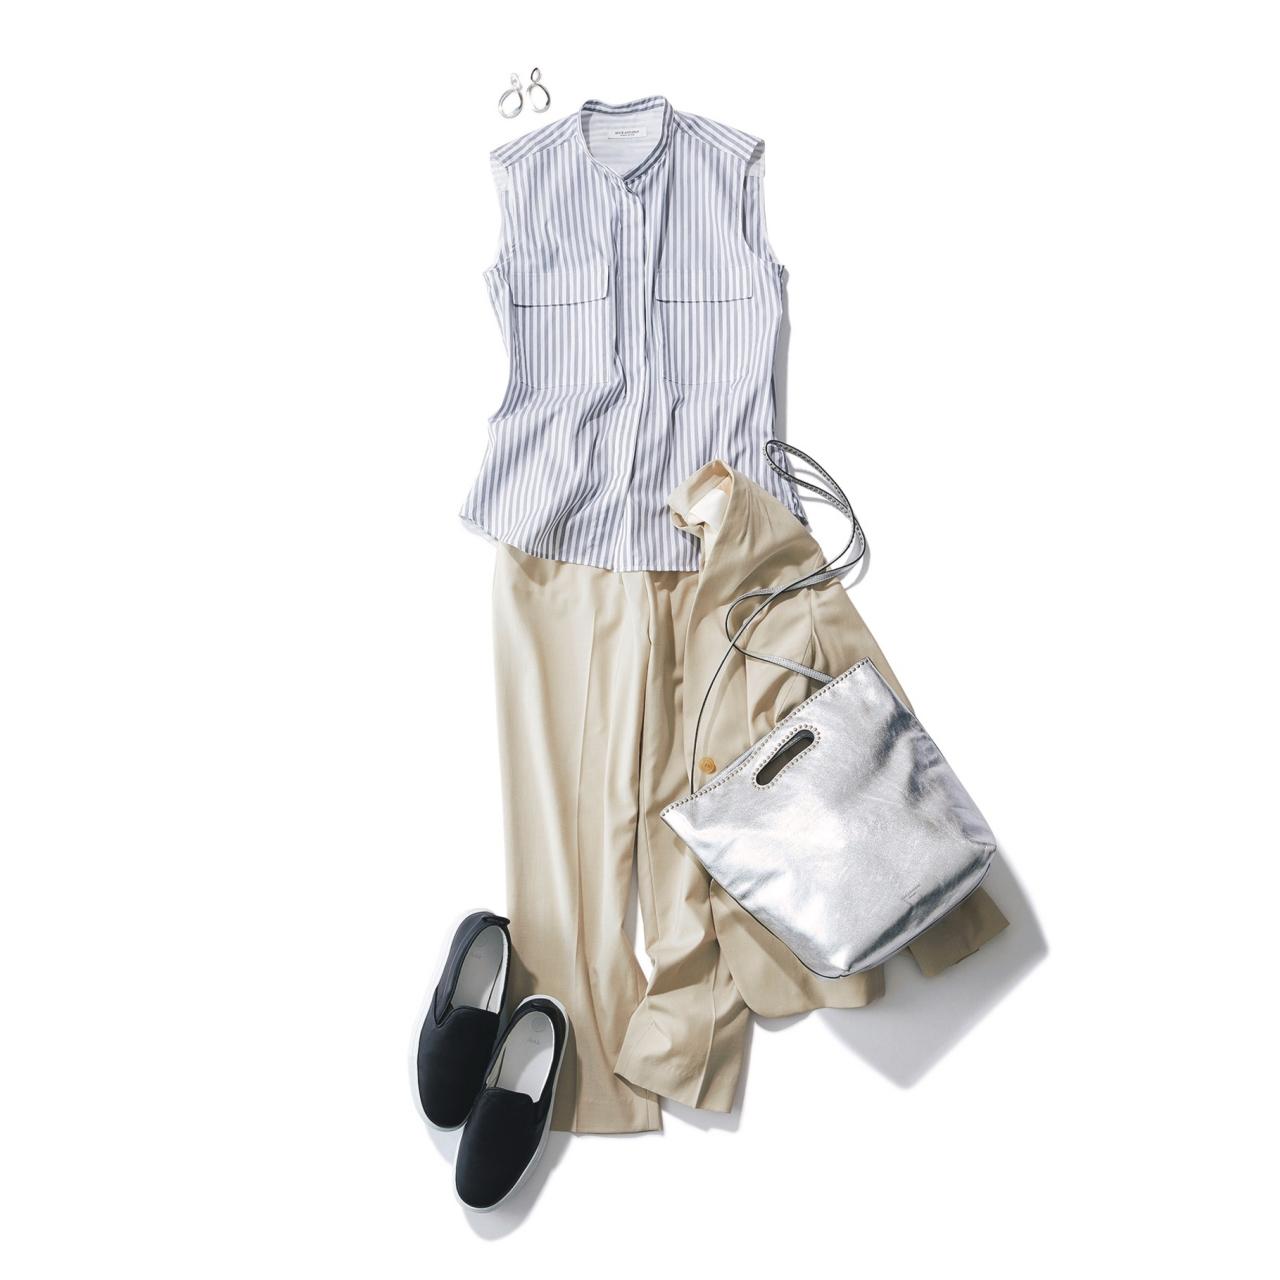 セットアップ×スニーカーのファッションコーデ